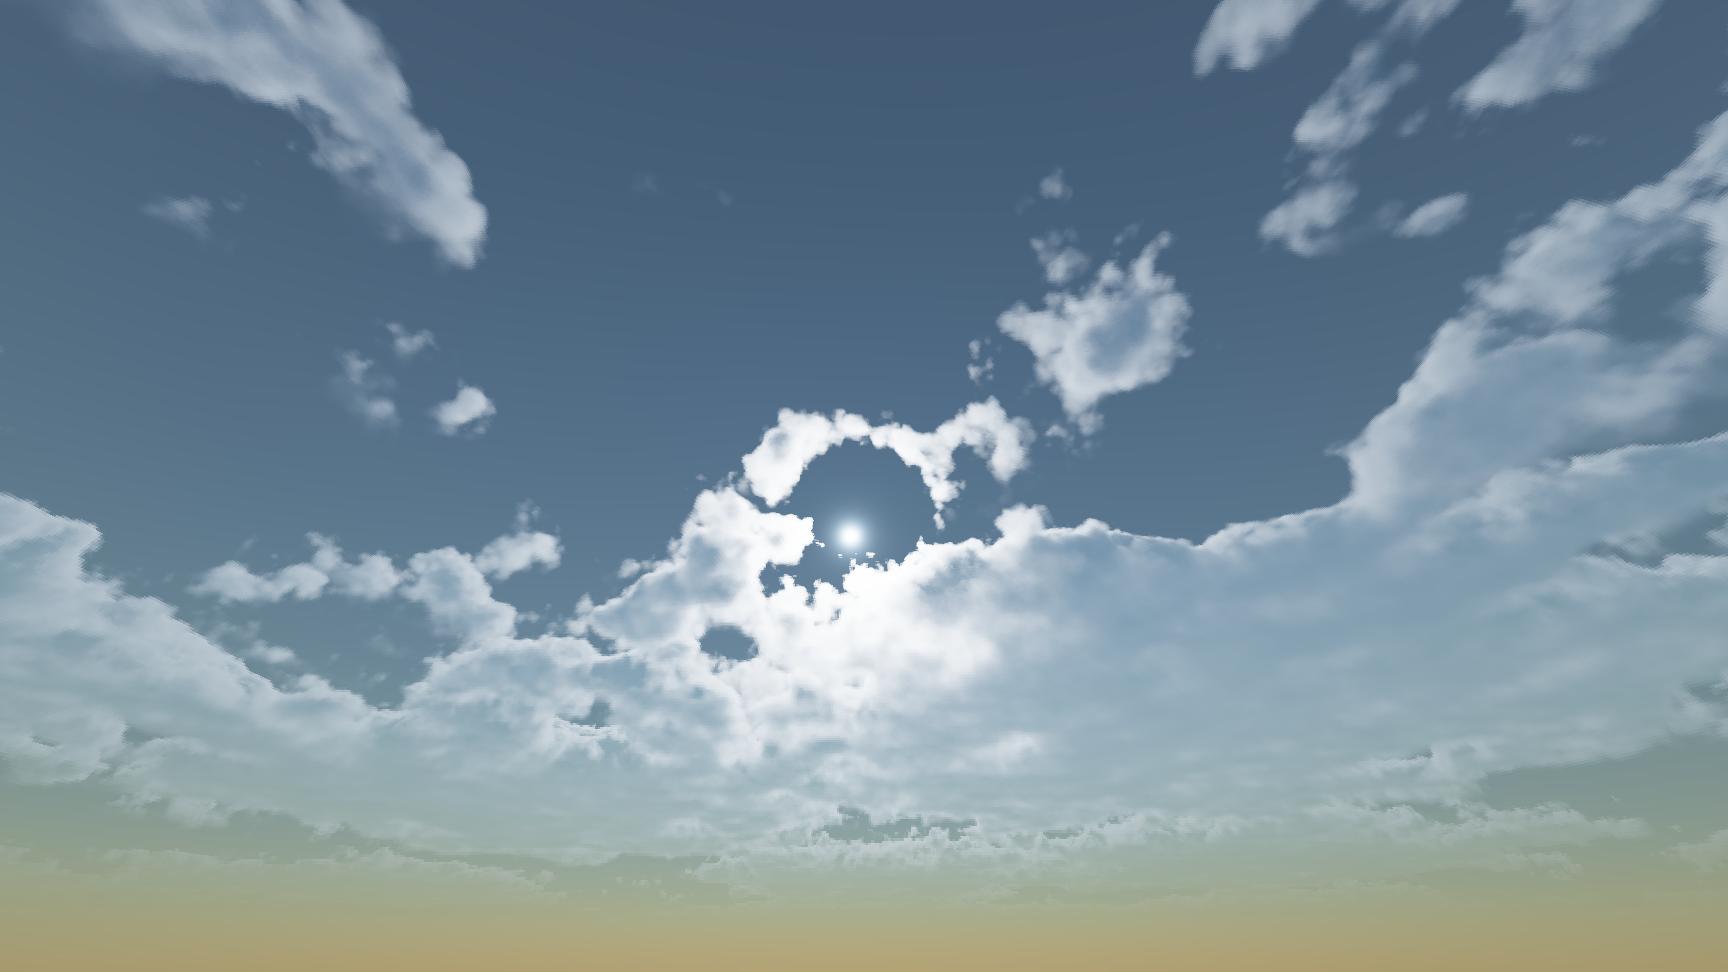 Реализация физически корректных объемных облаков как в игре Horizon Zero Dawn - 1